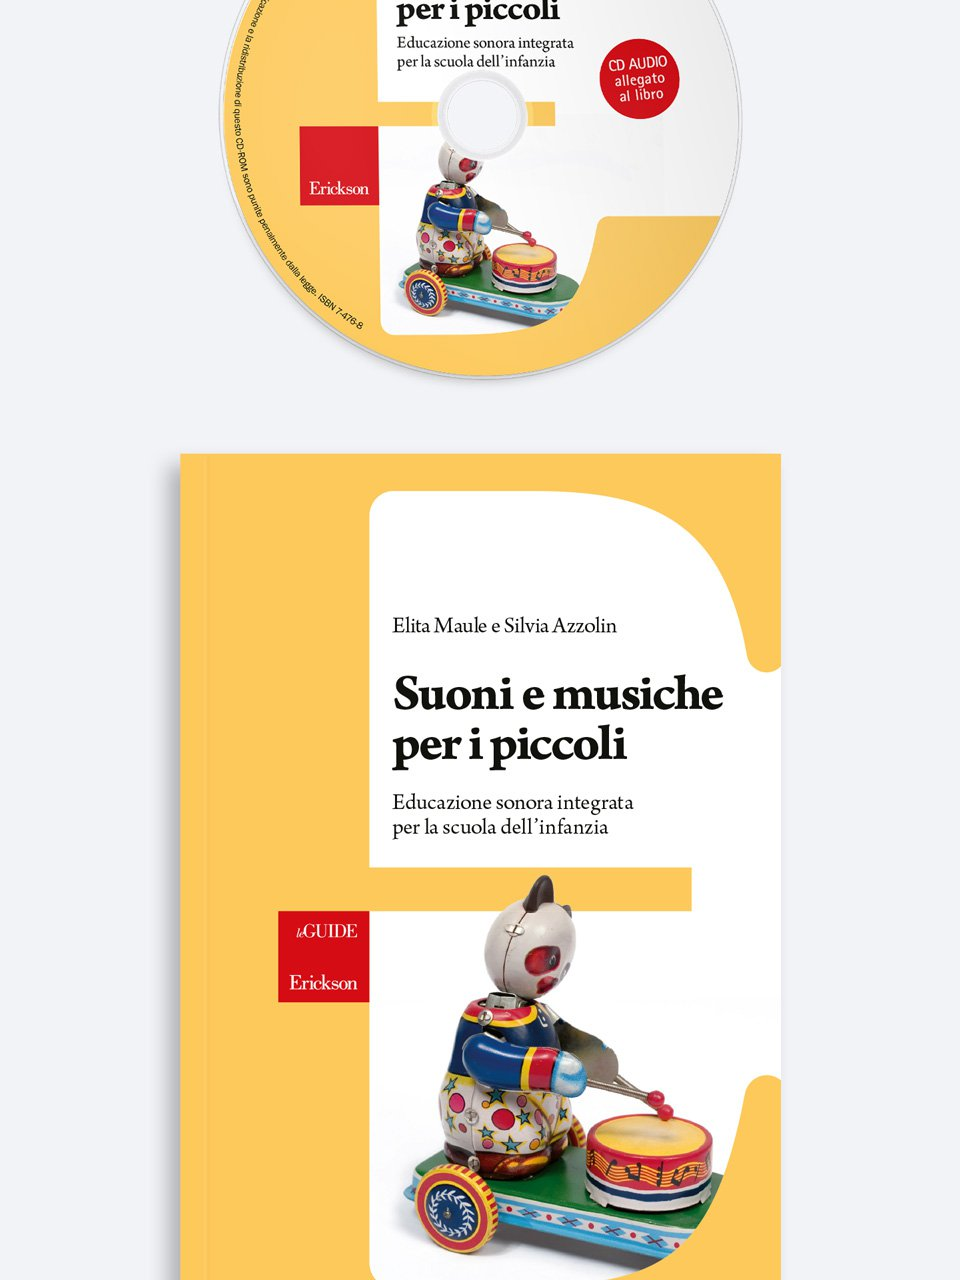 Suoni e musiche per i piccoli - Musicalità e pratiche inclusive - Libri - Erickson